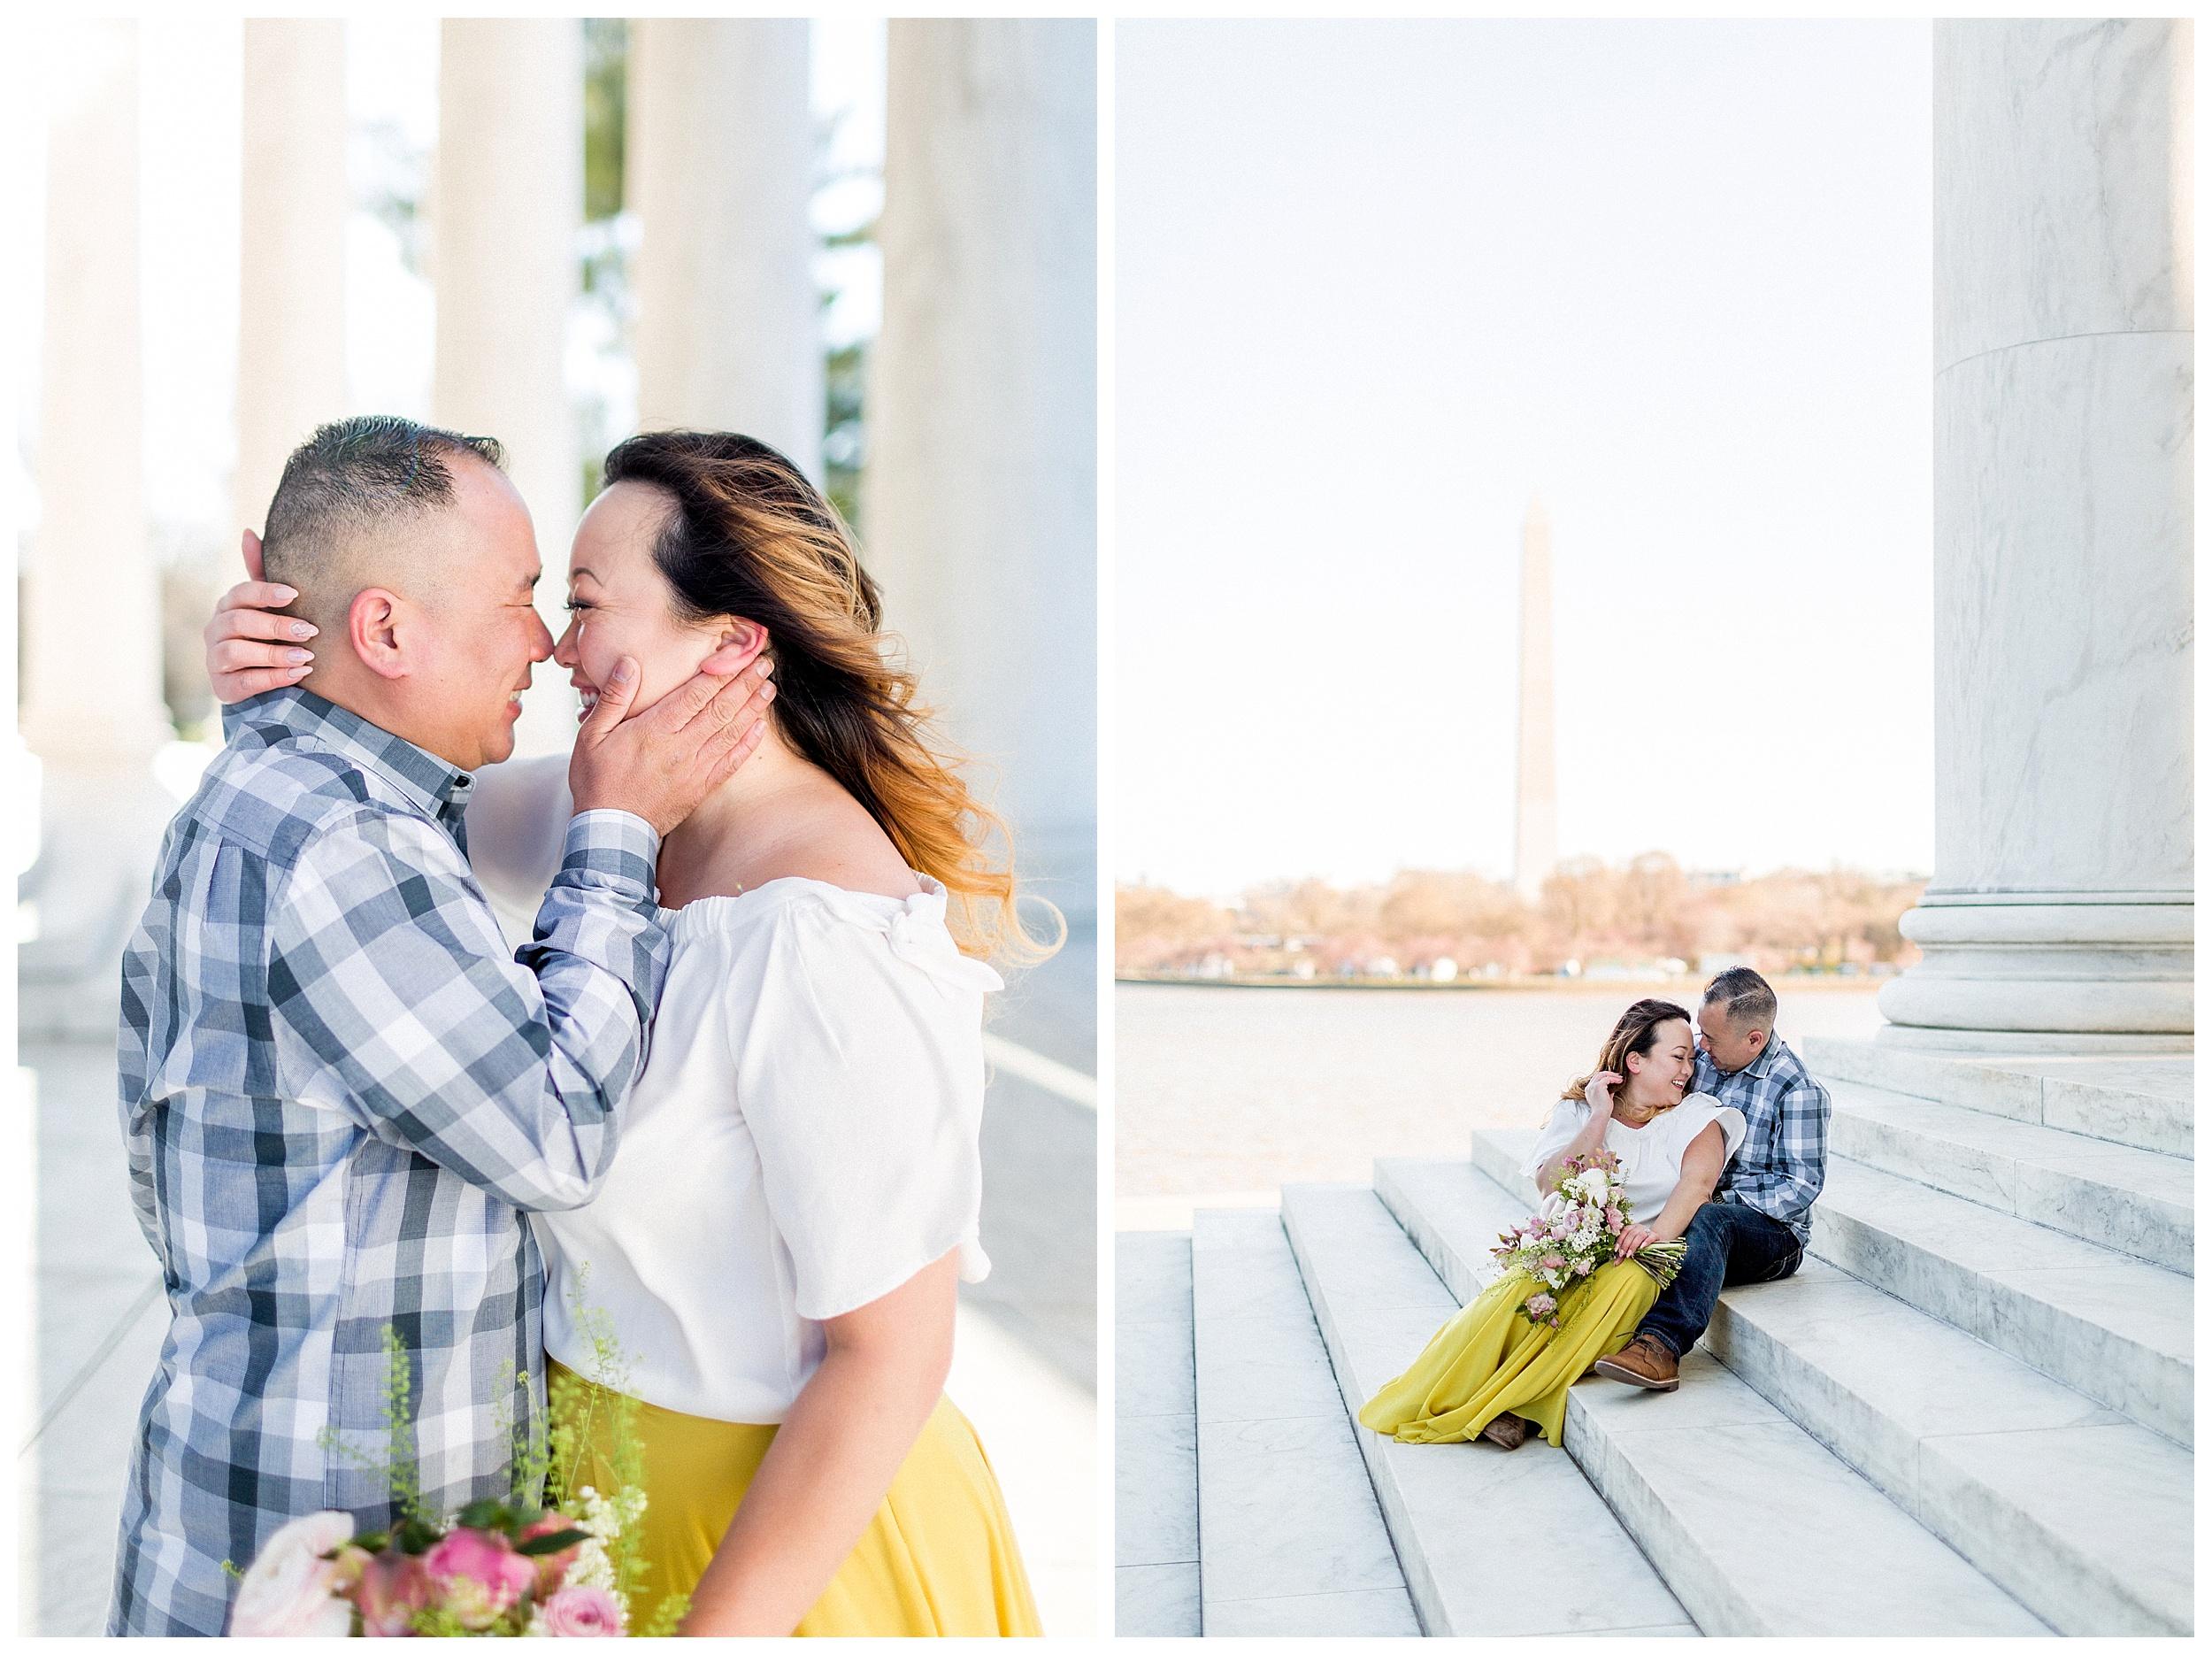 Washington DC Engagement Photos | Thomas Jefferson Engagement Session_0041.jpg